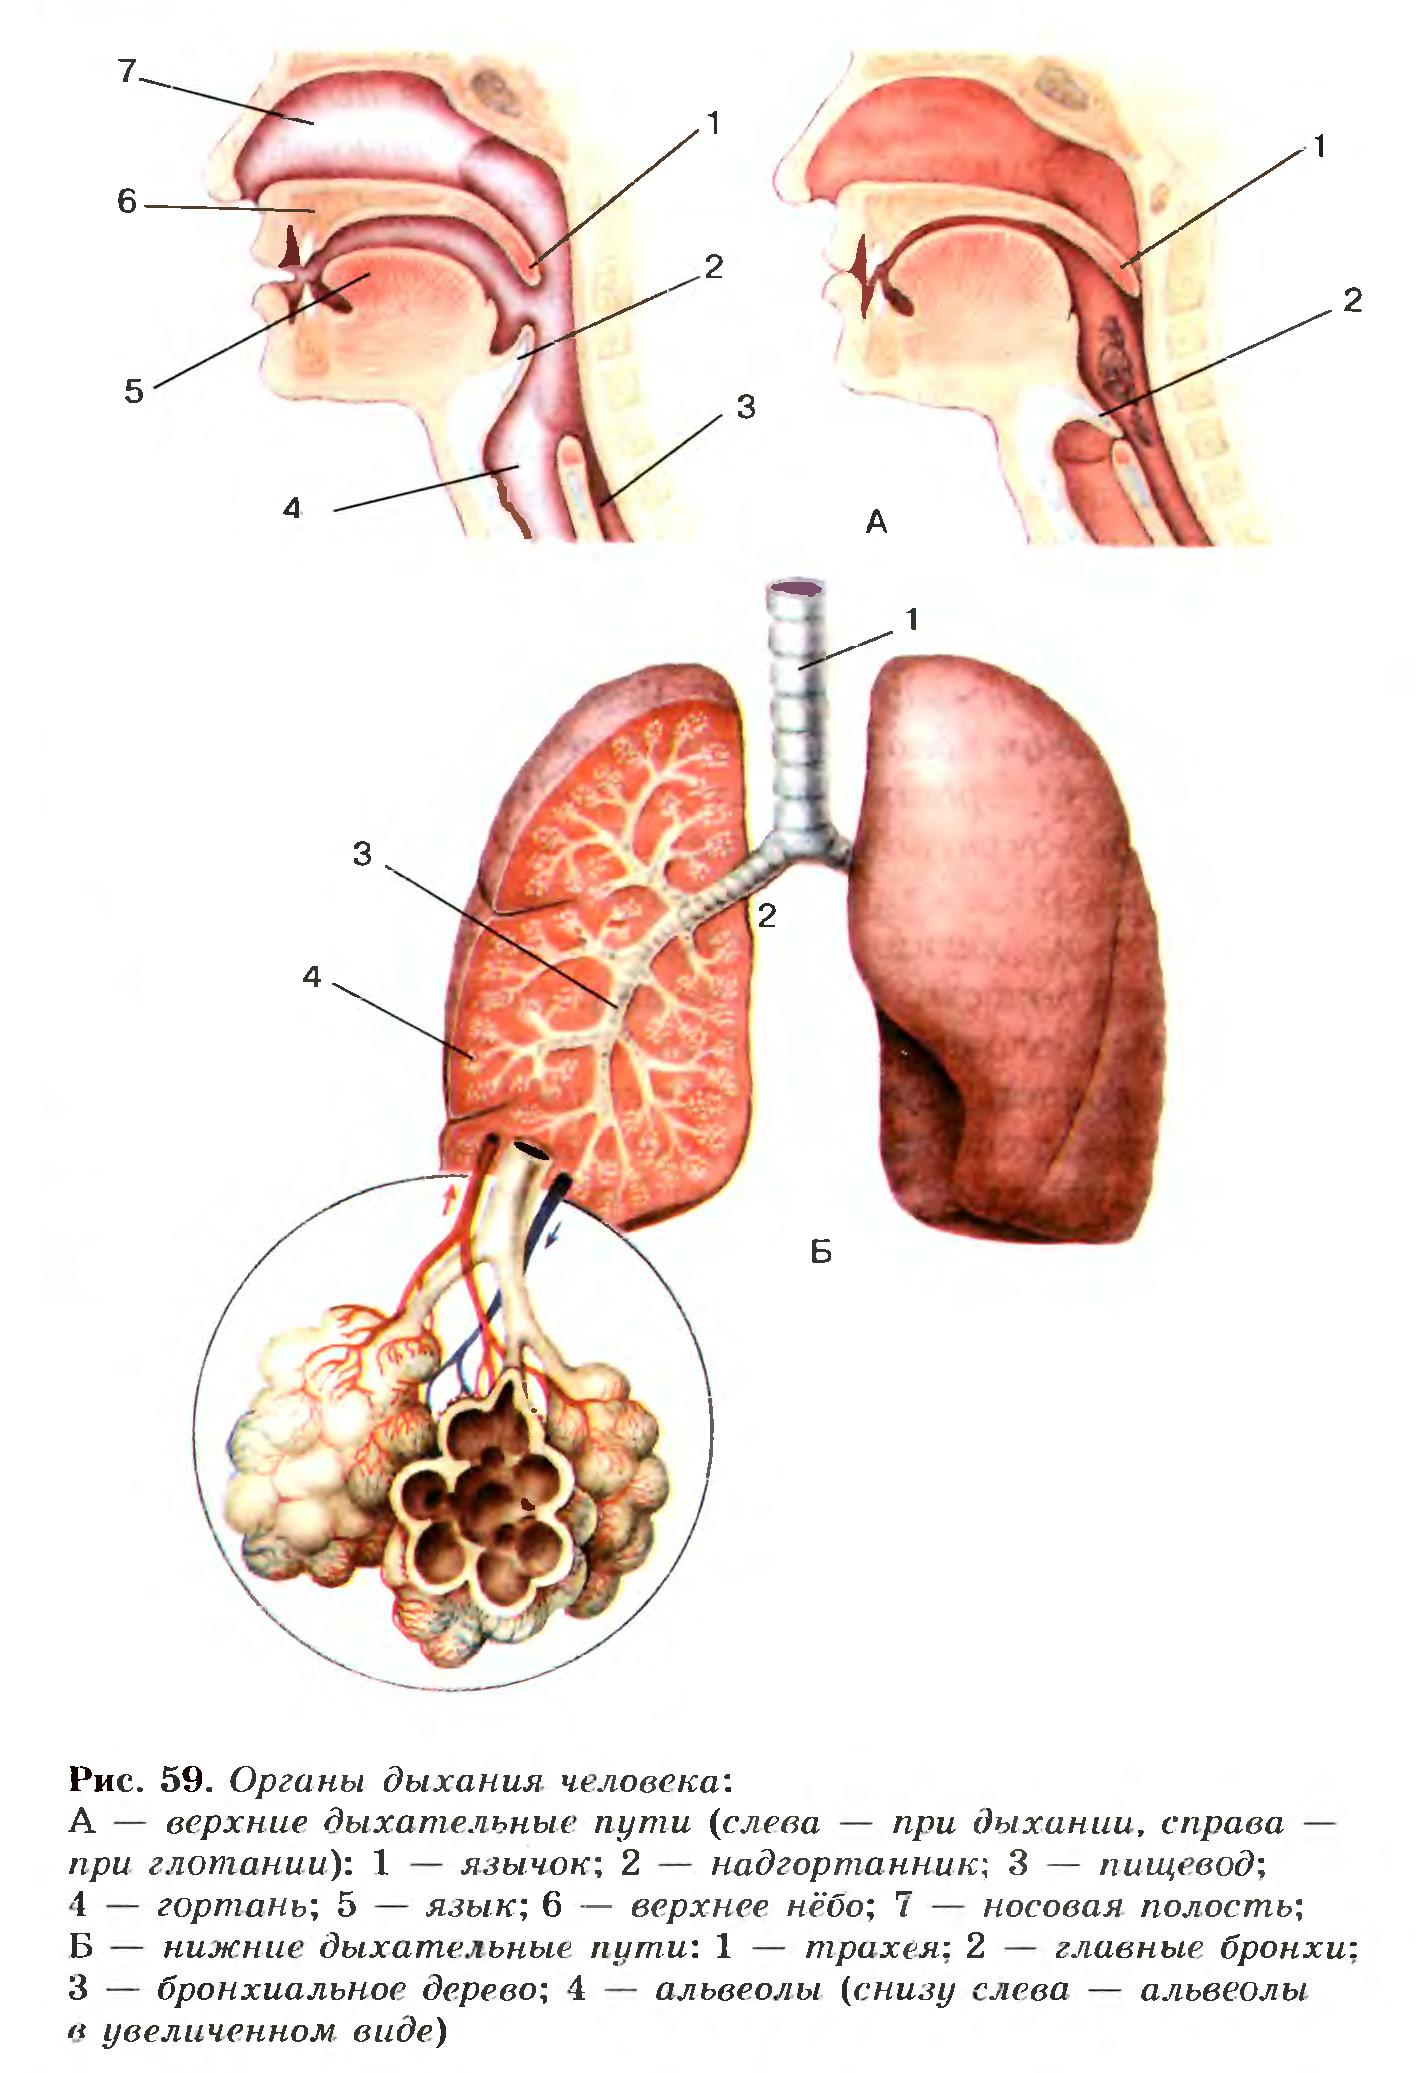 Значение дыхания Органы дыхательной системы дыхательные пути  Органы дыхания человека